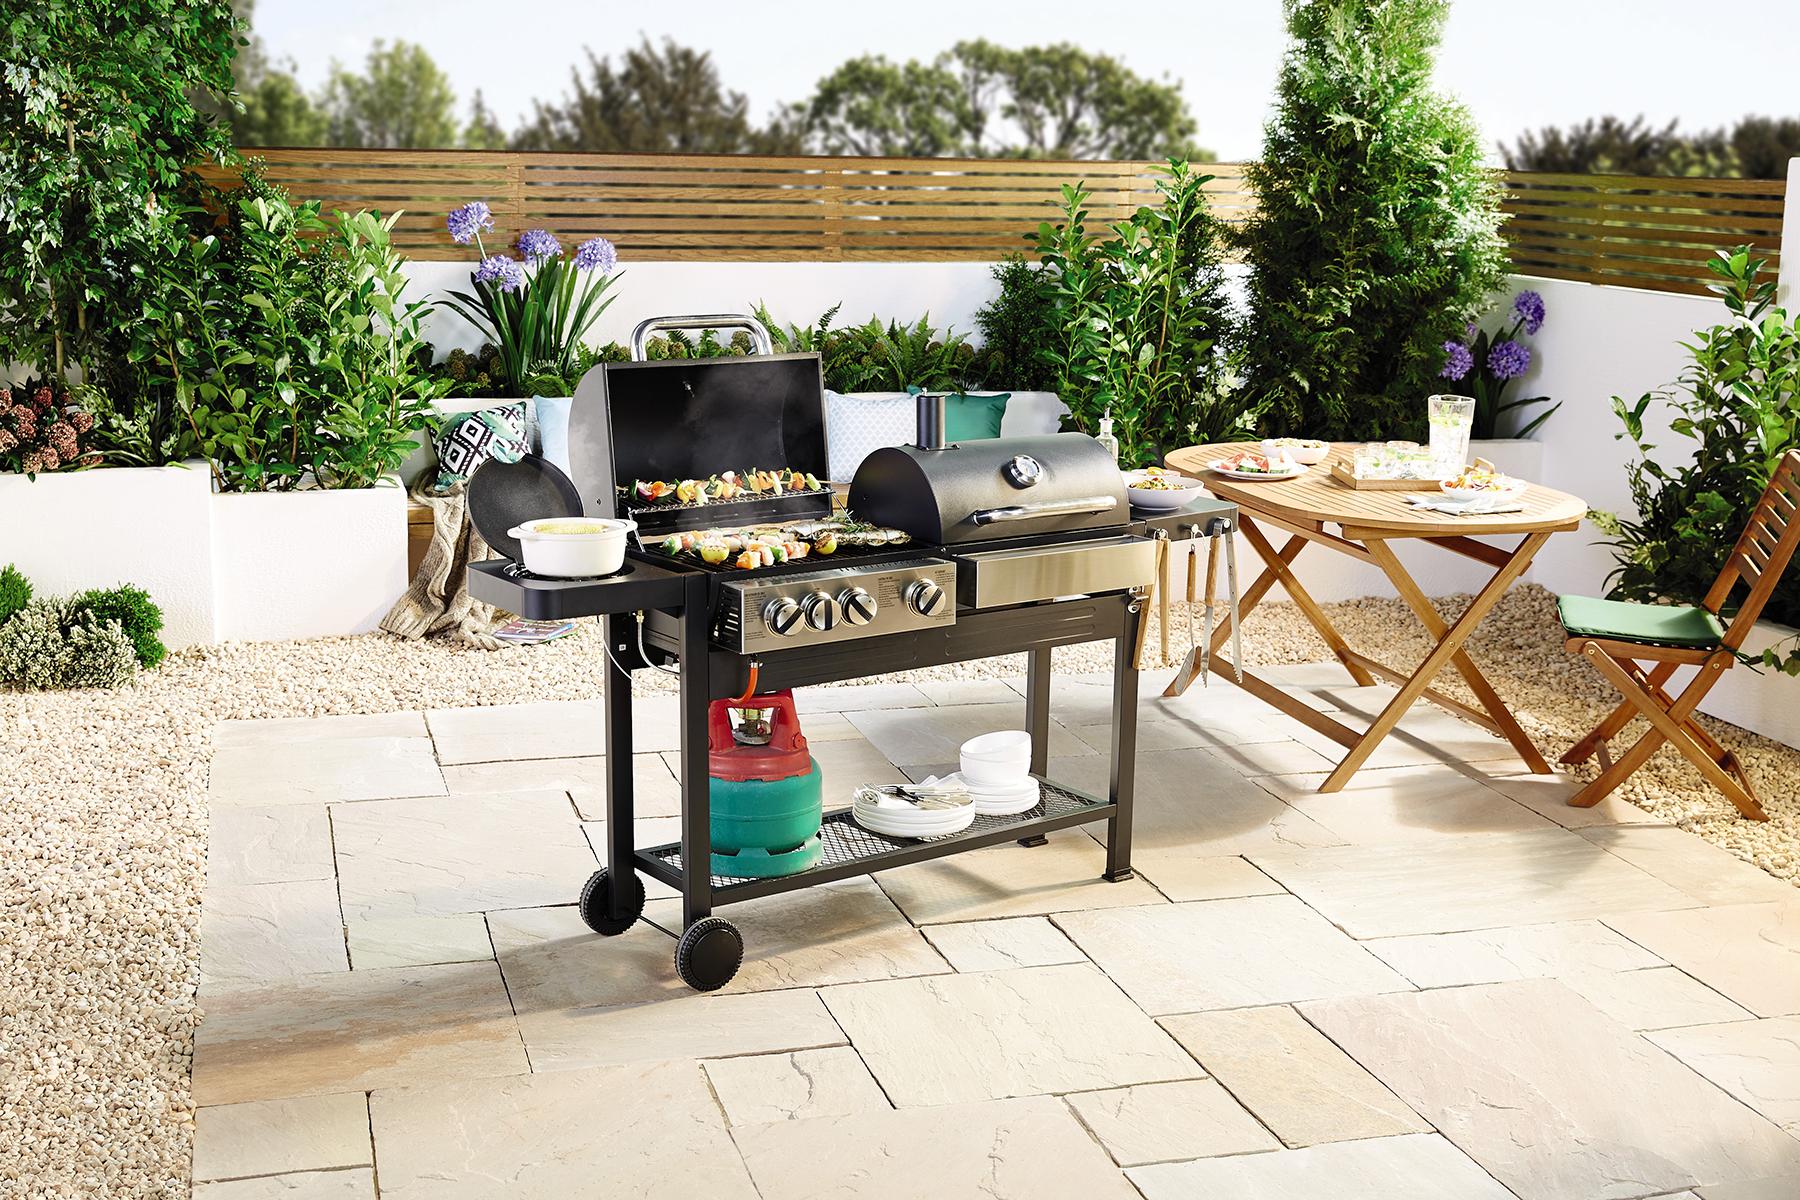 Budget barbecue. Image: Aldi